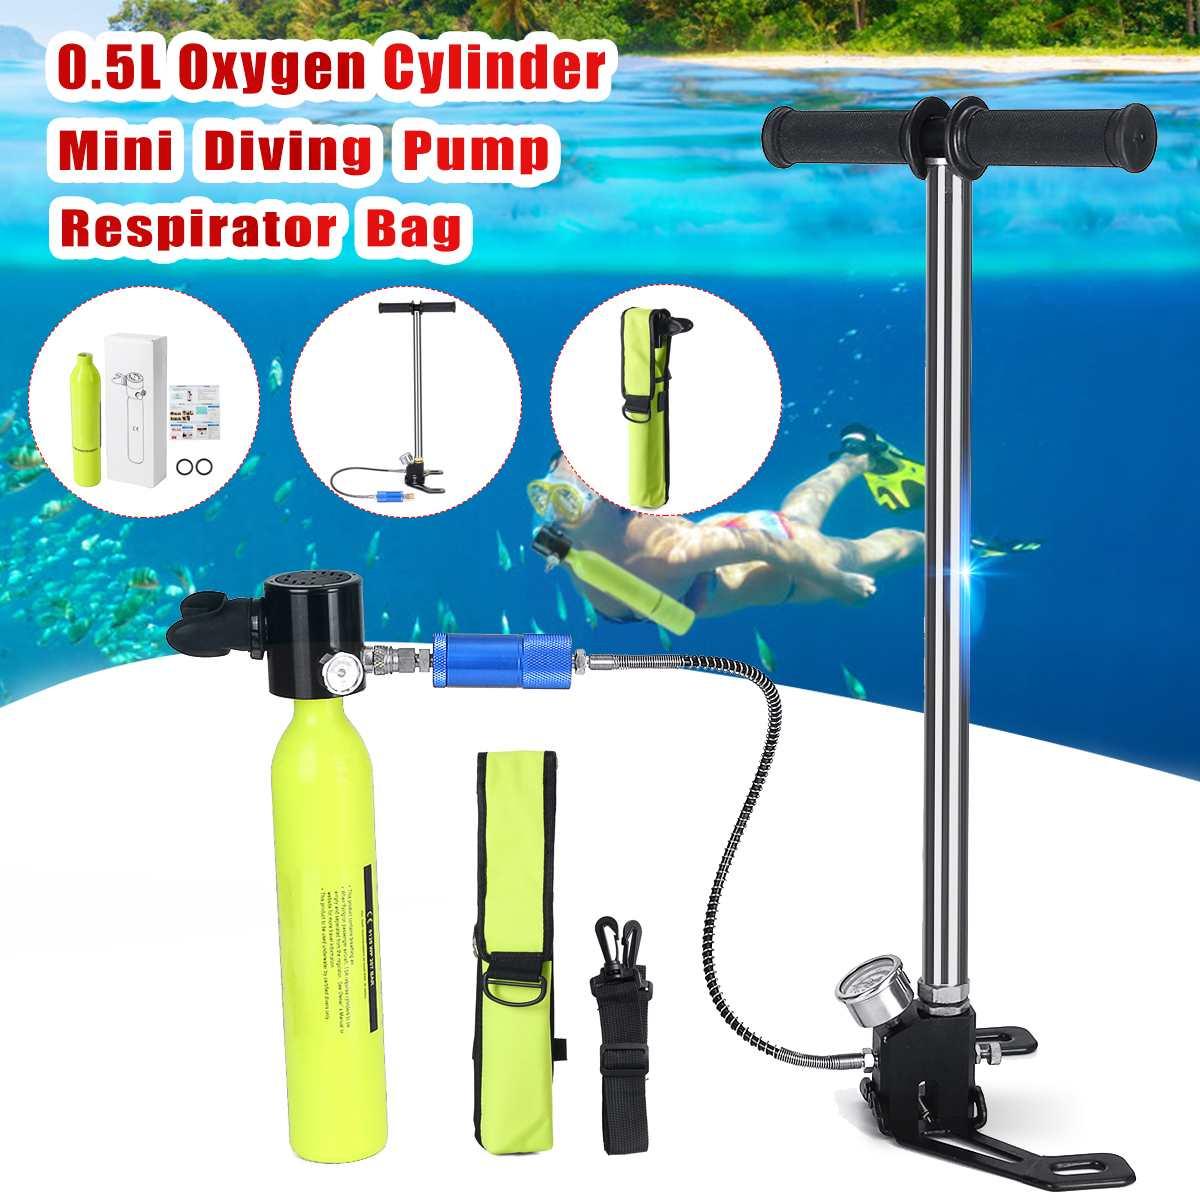 Equipement de plongée Mini bouteille d'oxygène bouteille d'air réservoir de plongée en apnée embout buccal pompe haute pression partie respiratoire sous-marine